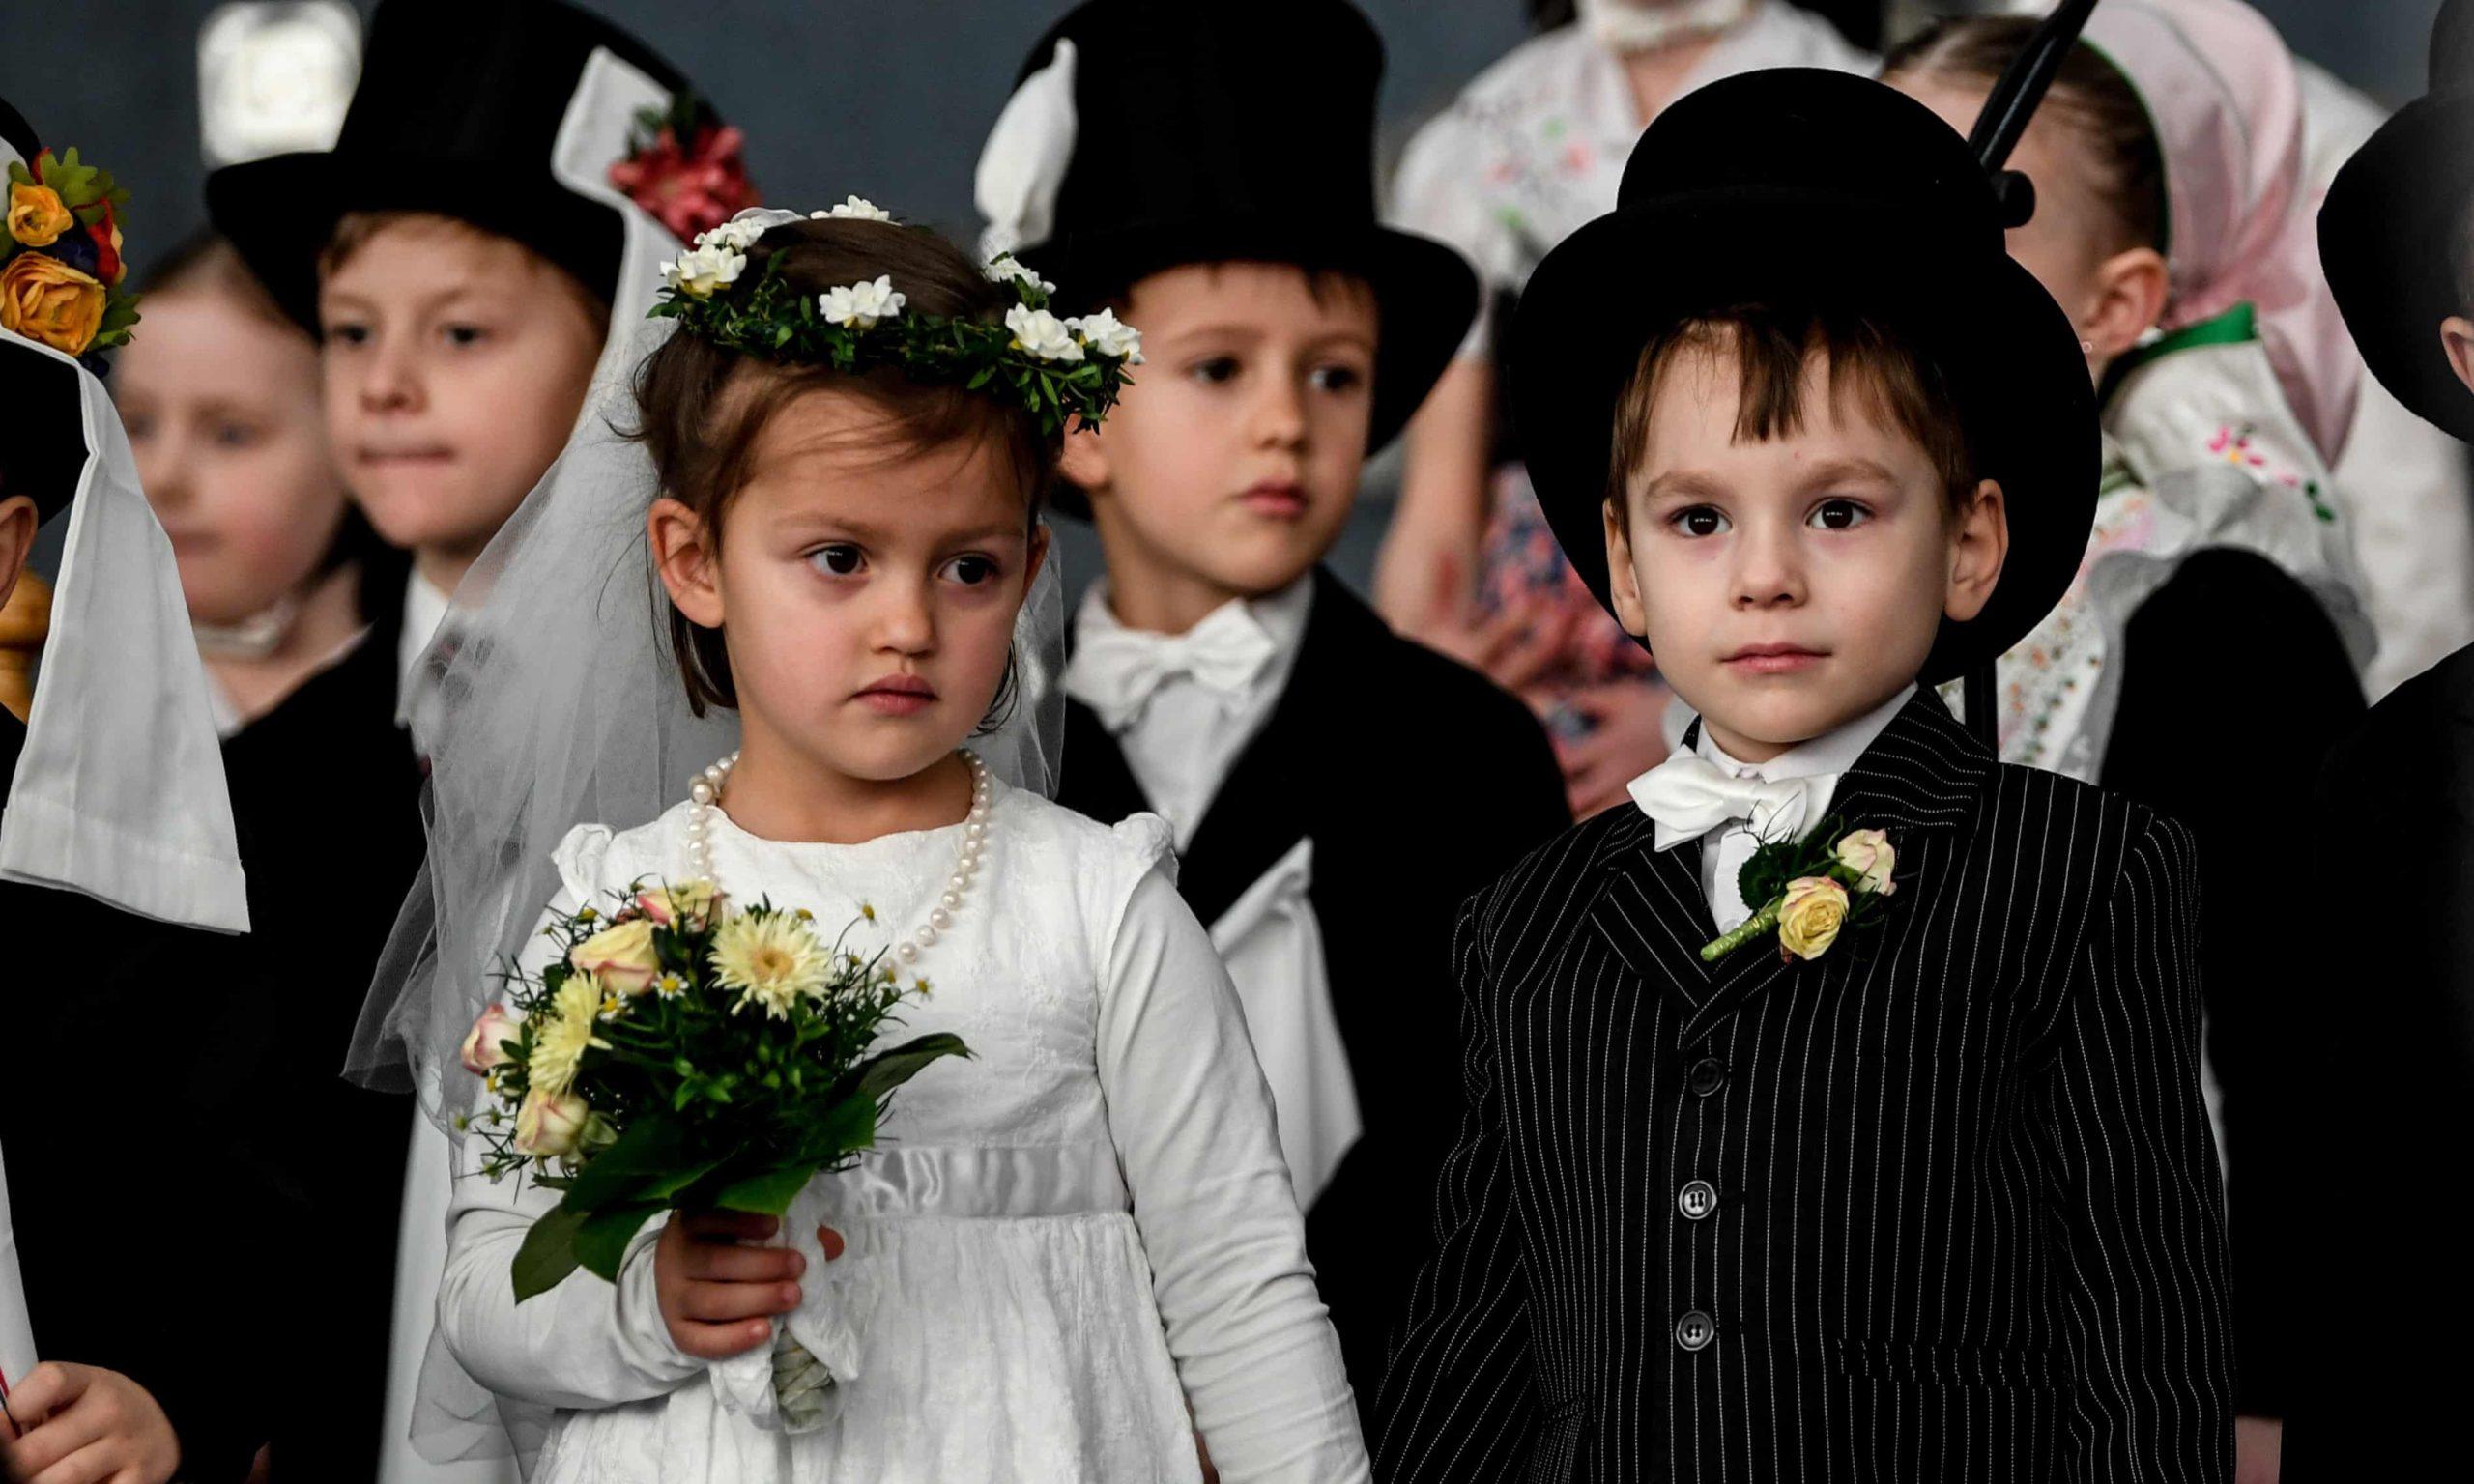 Фестиваль «Свадьба птиц» в фотопроекте Филипа Сингера